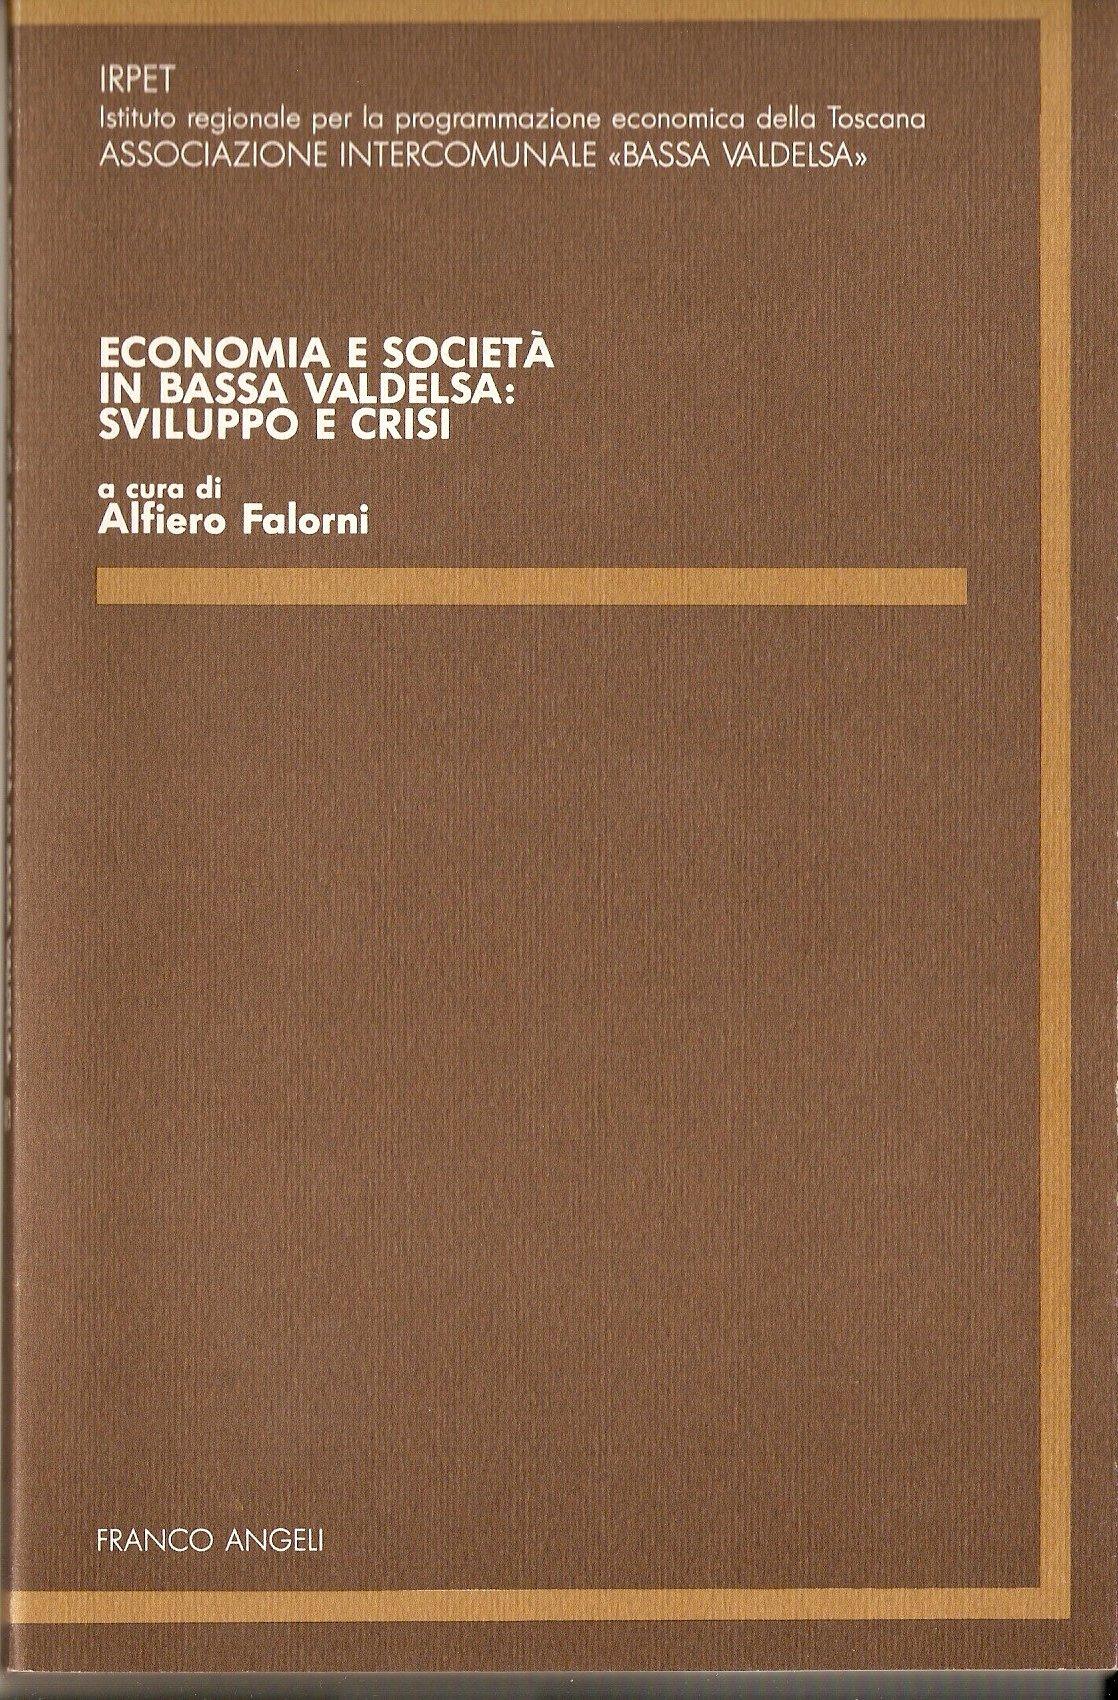 Economia e società in Bassa Valdelsa: sviluppo e crisi